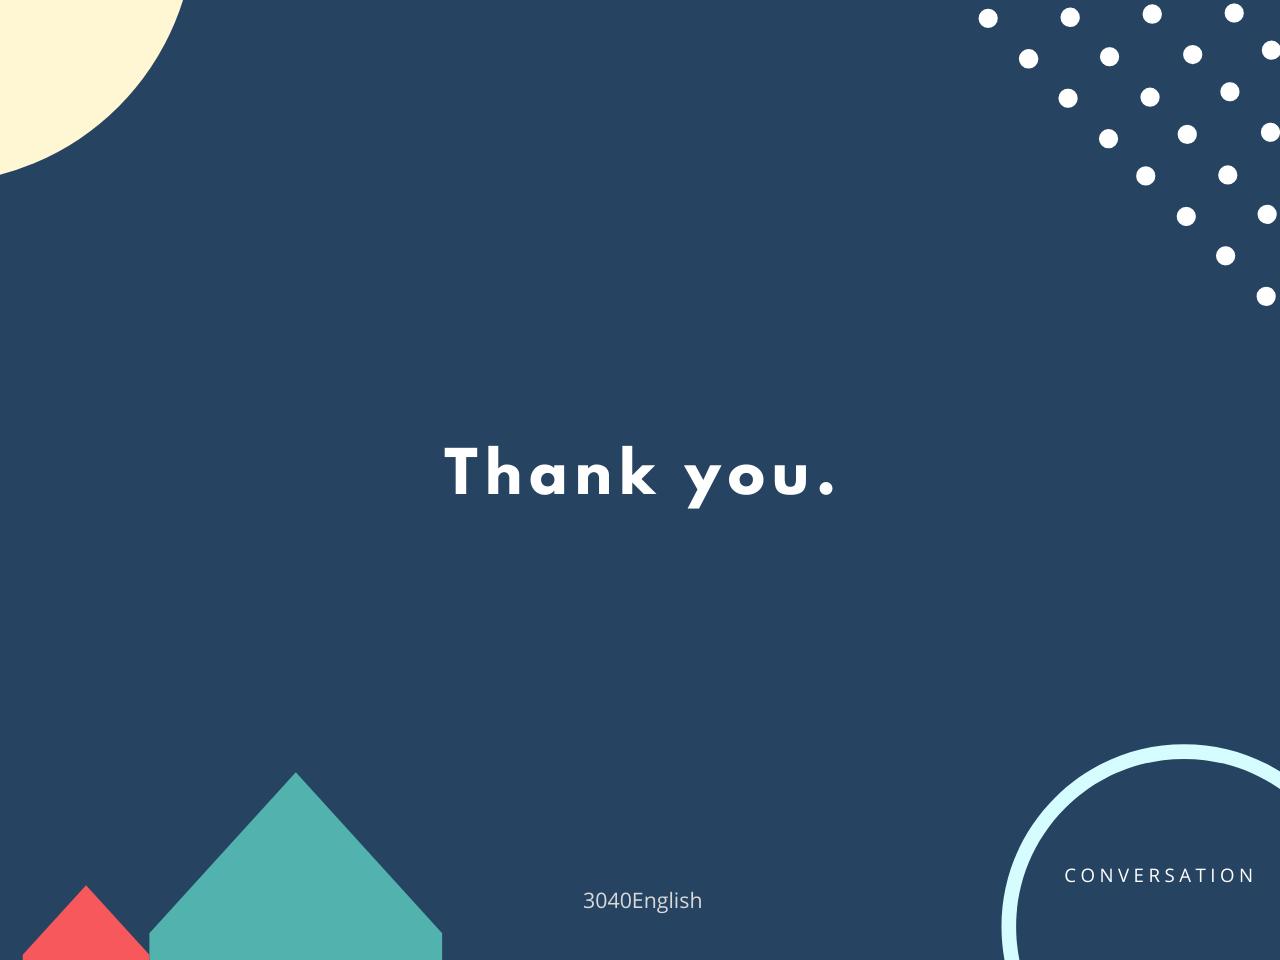 「ありがとう」「感謝」を伝える英語表現5選【英会話用例文あり】